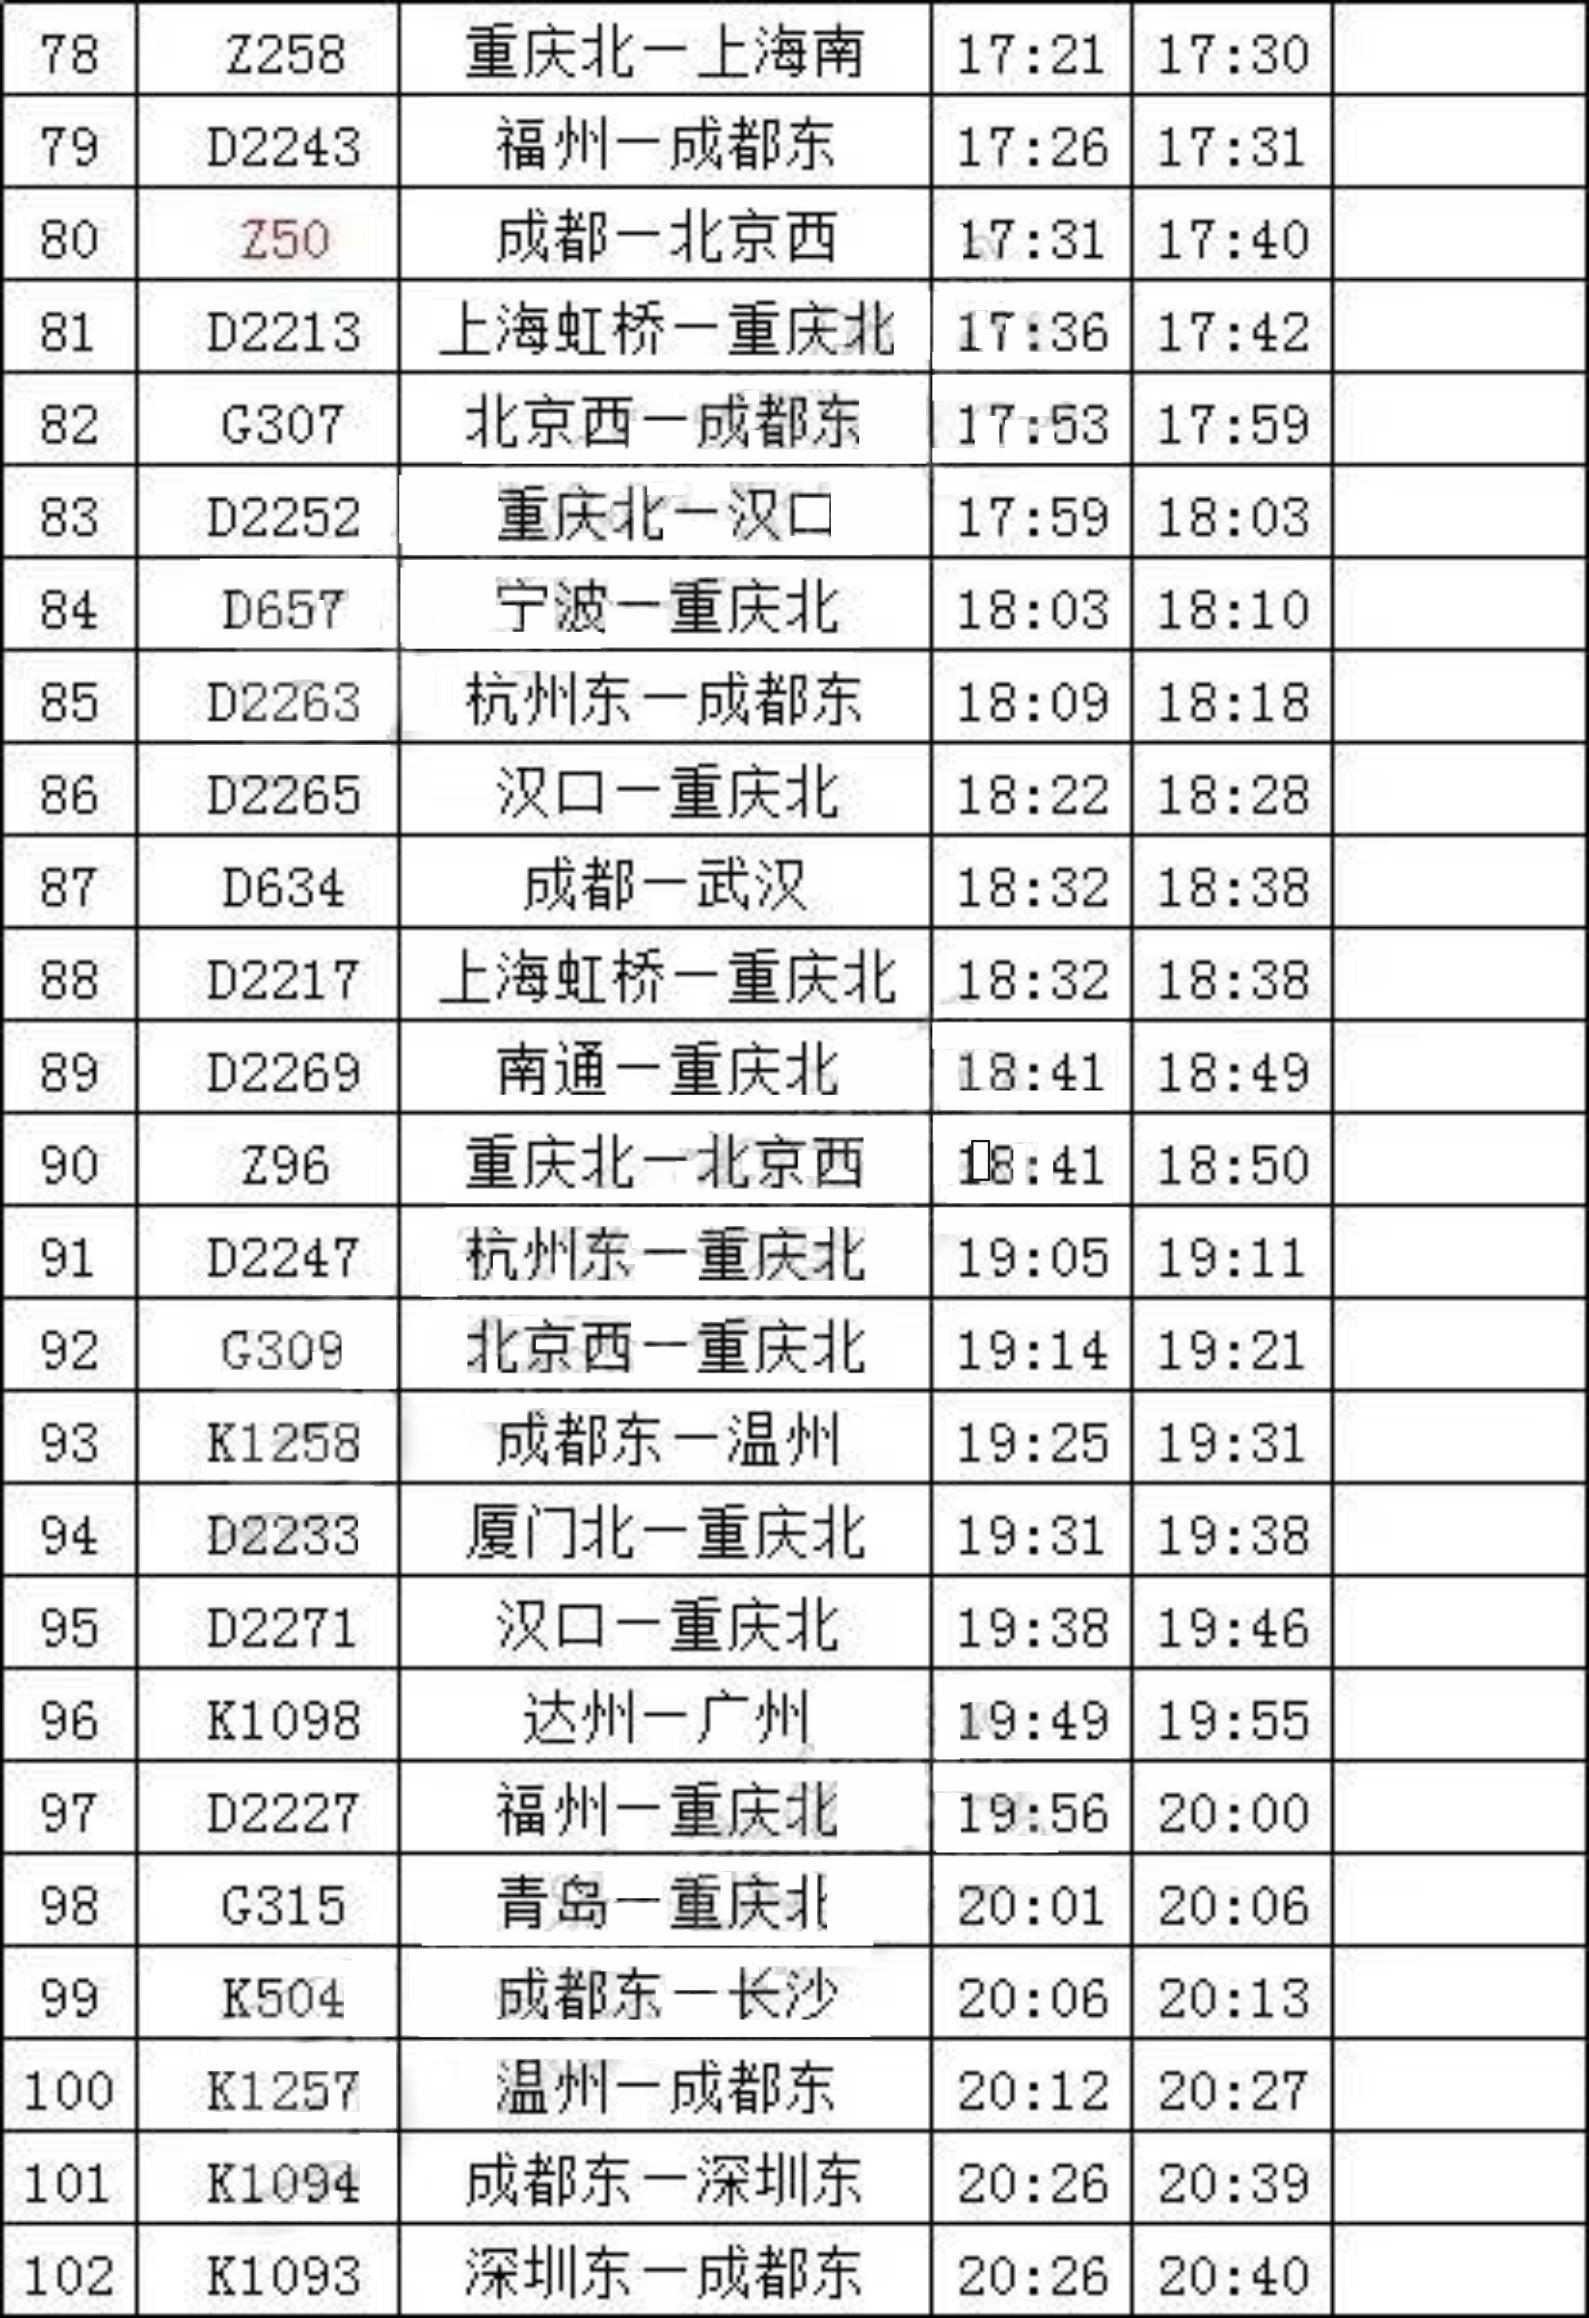 二是重庆北~南通d2270/d2269次1对